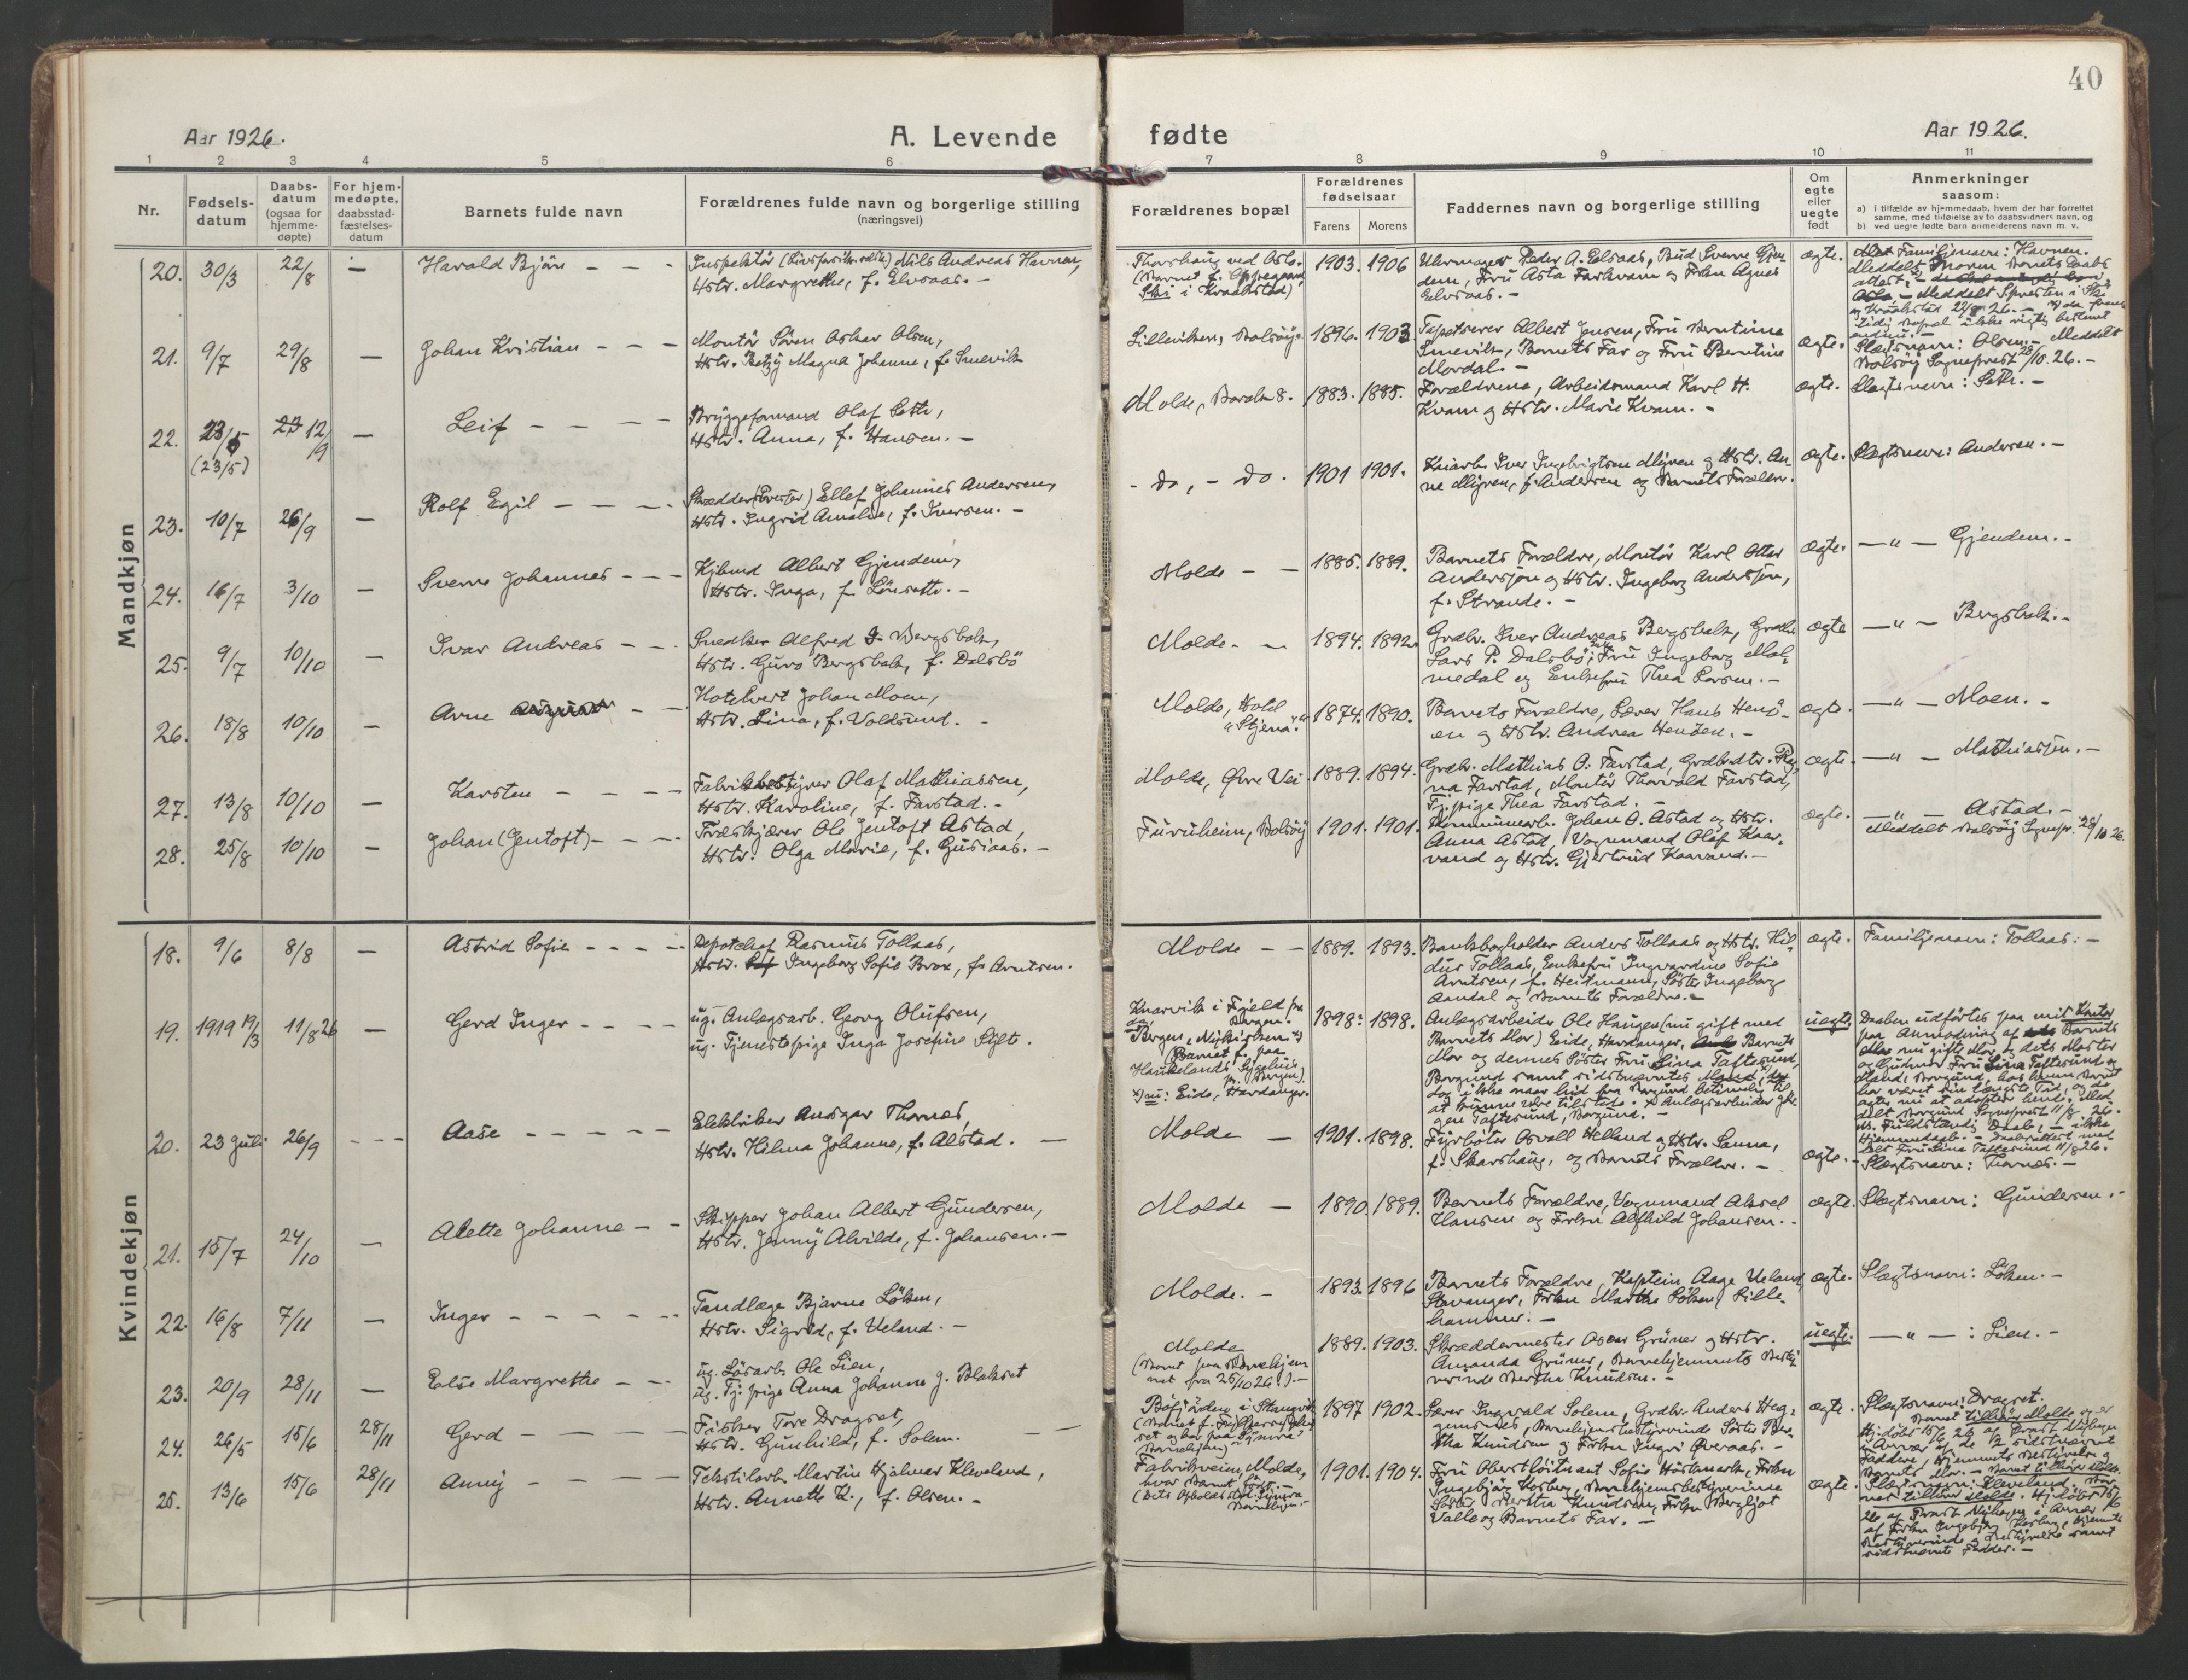 SAT, Ministerialprotokoller, klokkerbøker og fødselsregistre - Møre og Romsdal, 558/L0696: Ministerialbok nr. 558A10, 1917-1929, s. 40